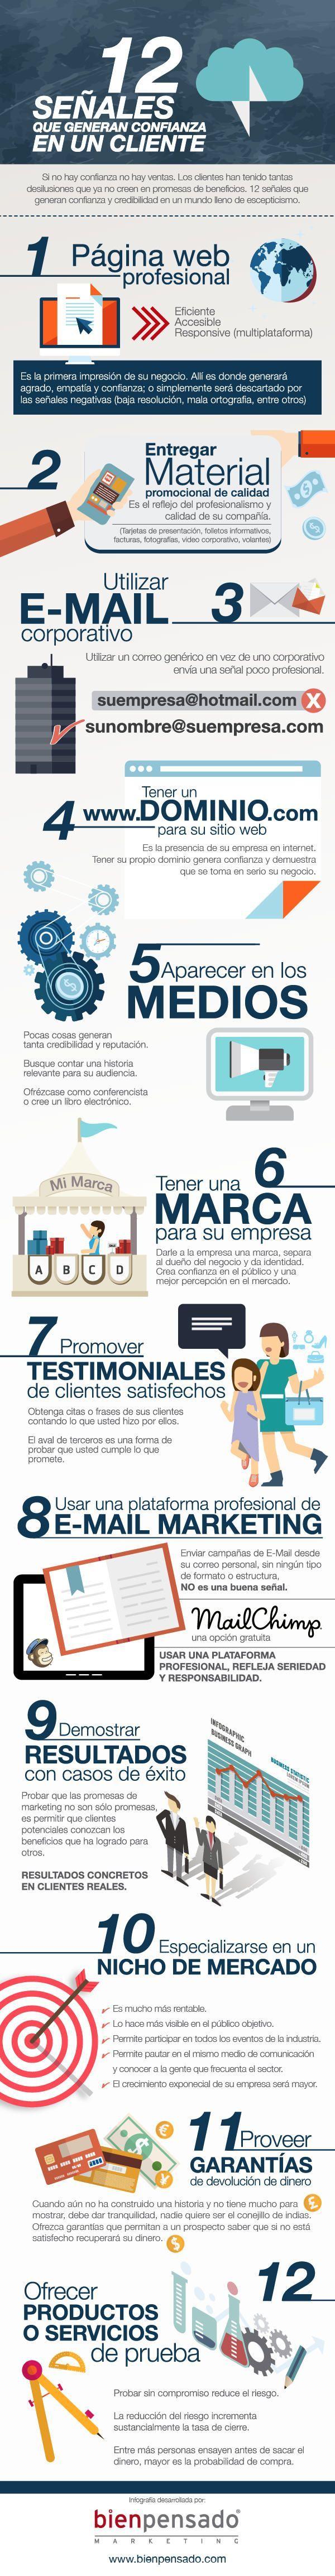 Infografia 12 señales que construyen confianza en un cliente #infografias #infographic